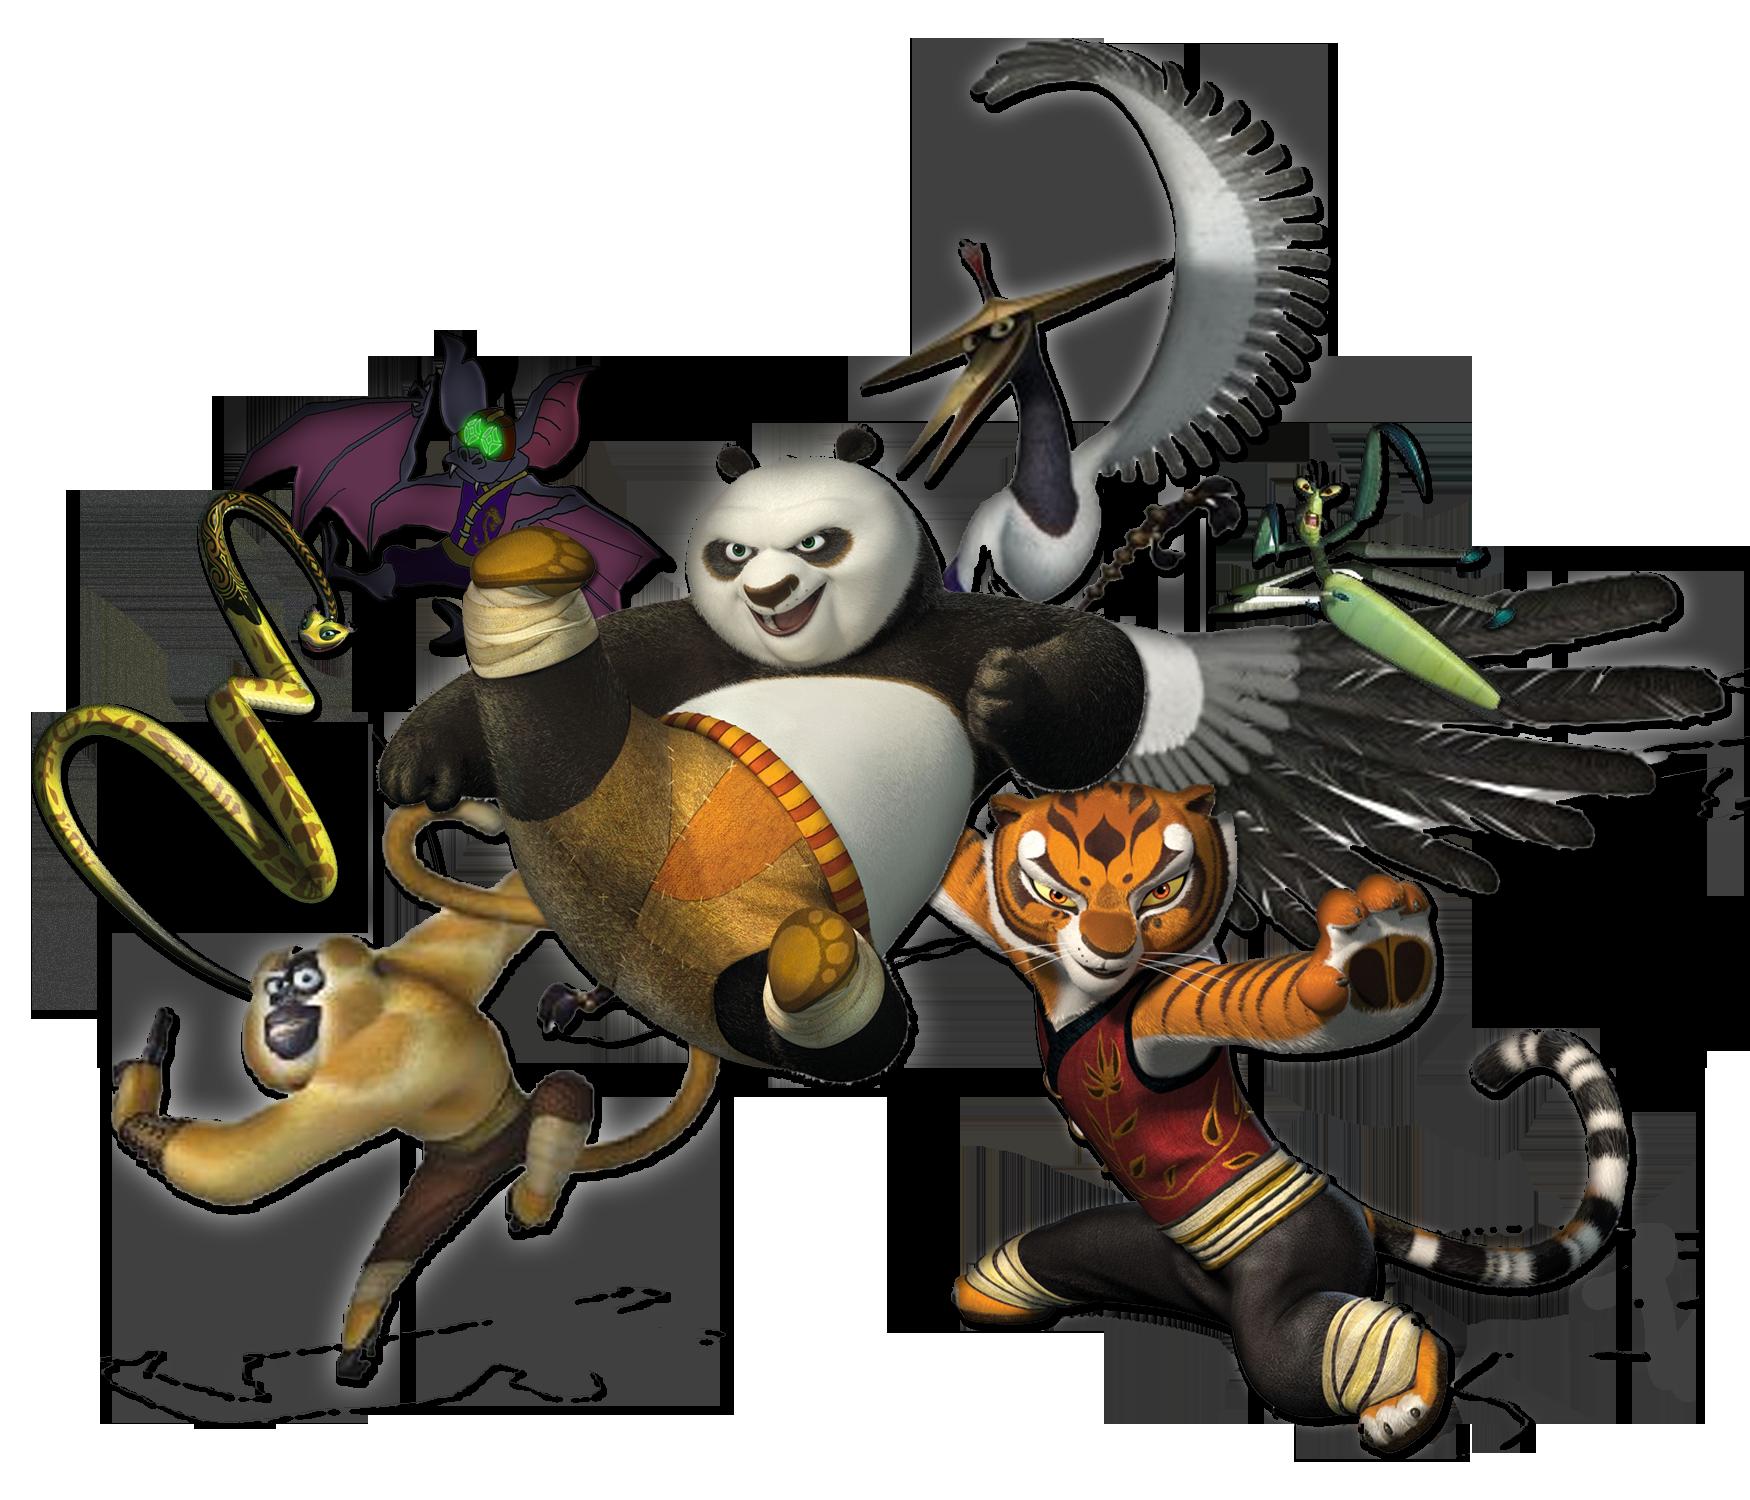 Download Kung Fu Panda Characters Png Hq Png Image Freepngimg